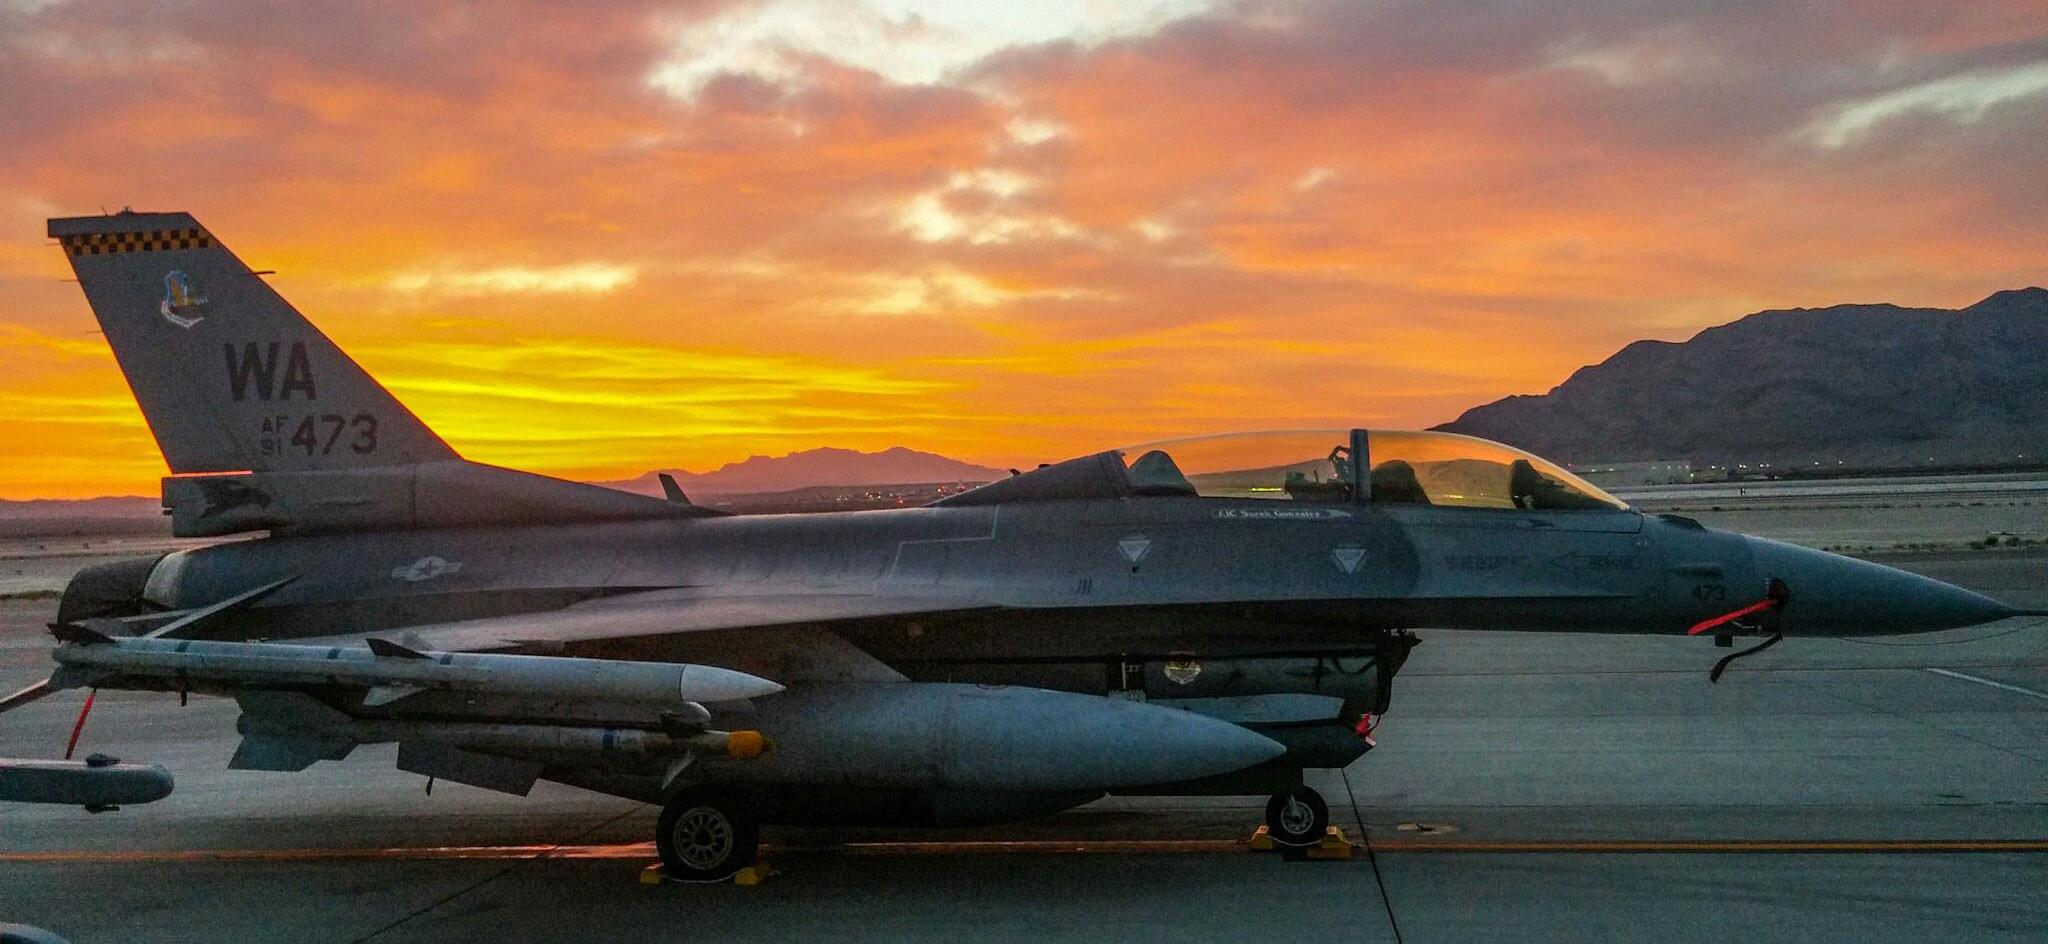 F16 at Sunset